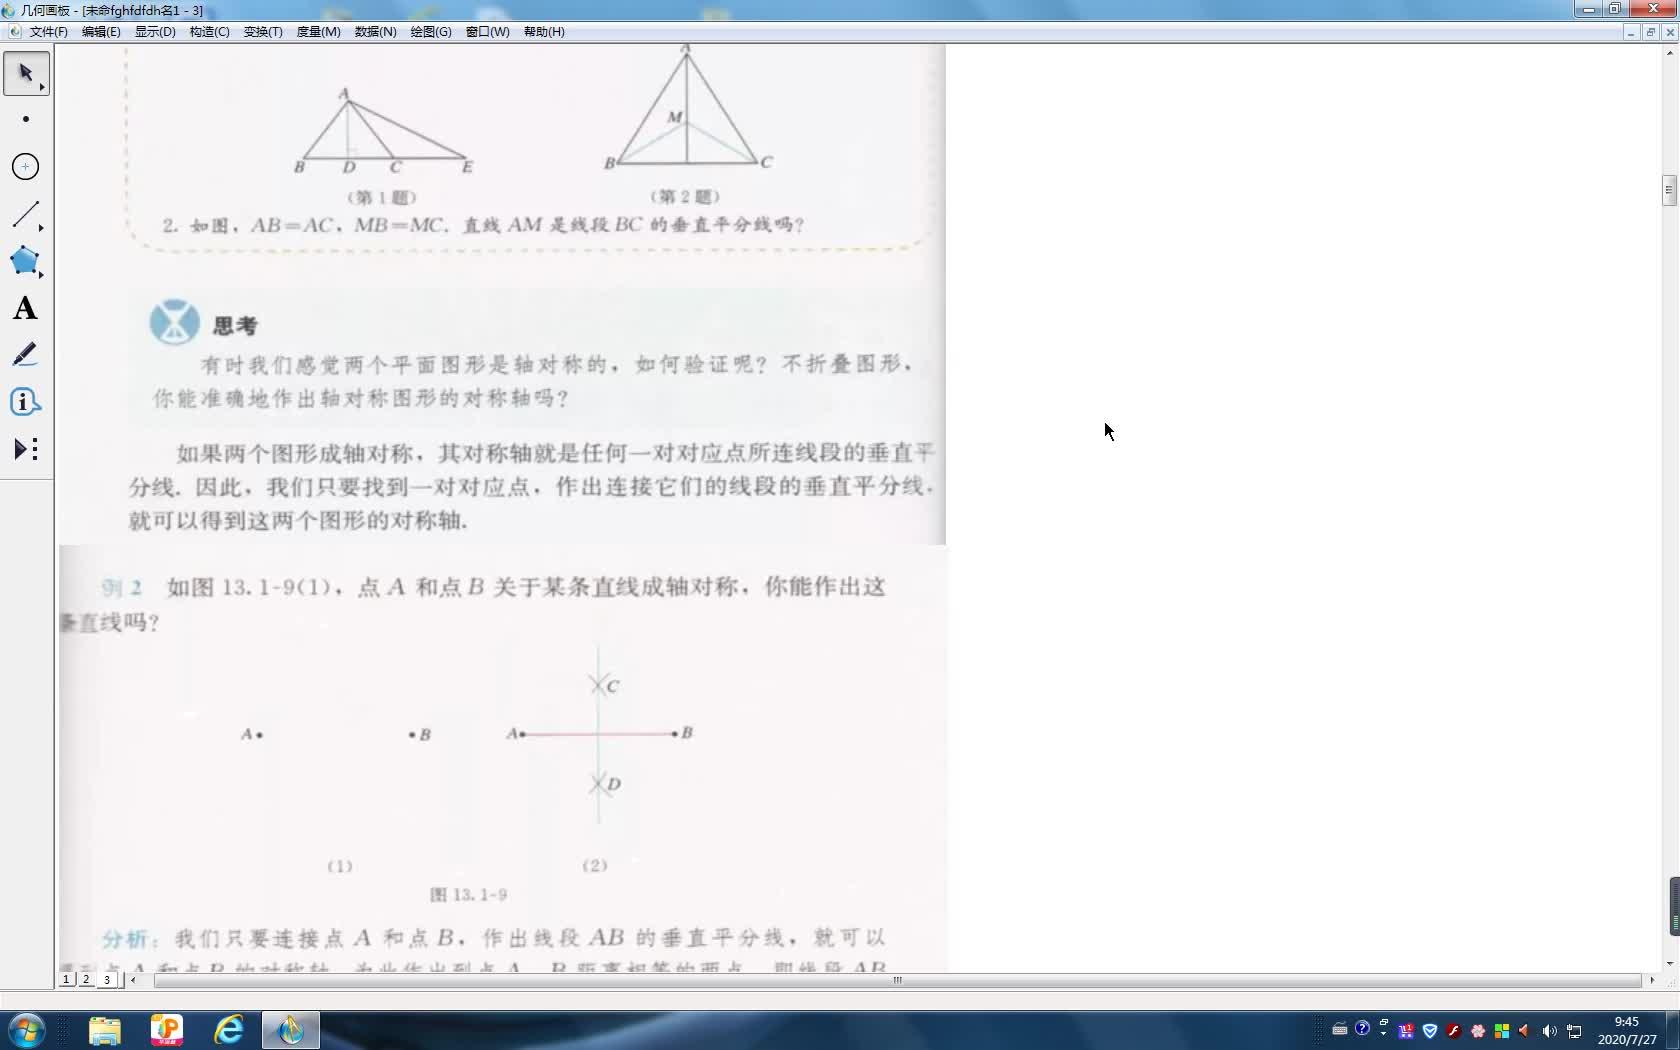 人教版 八年级上册 13.1.2线段的垂直平分线(2) 微课视频人教版 八年级上册 13.1.2线段的垂直平分线(2) 微课视频